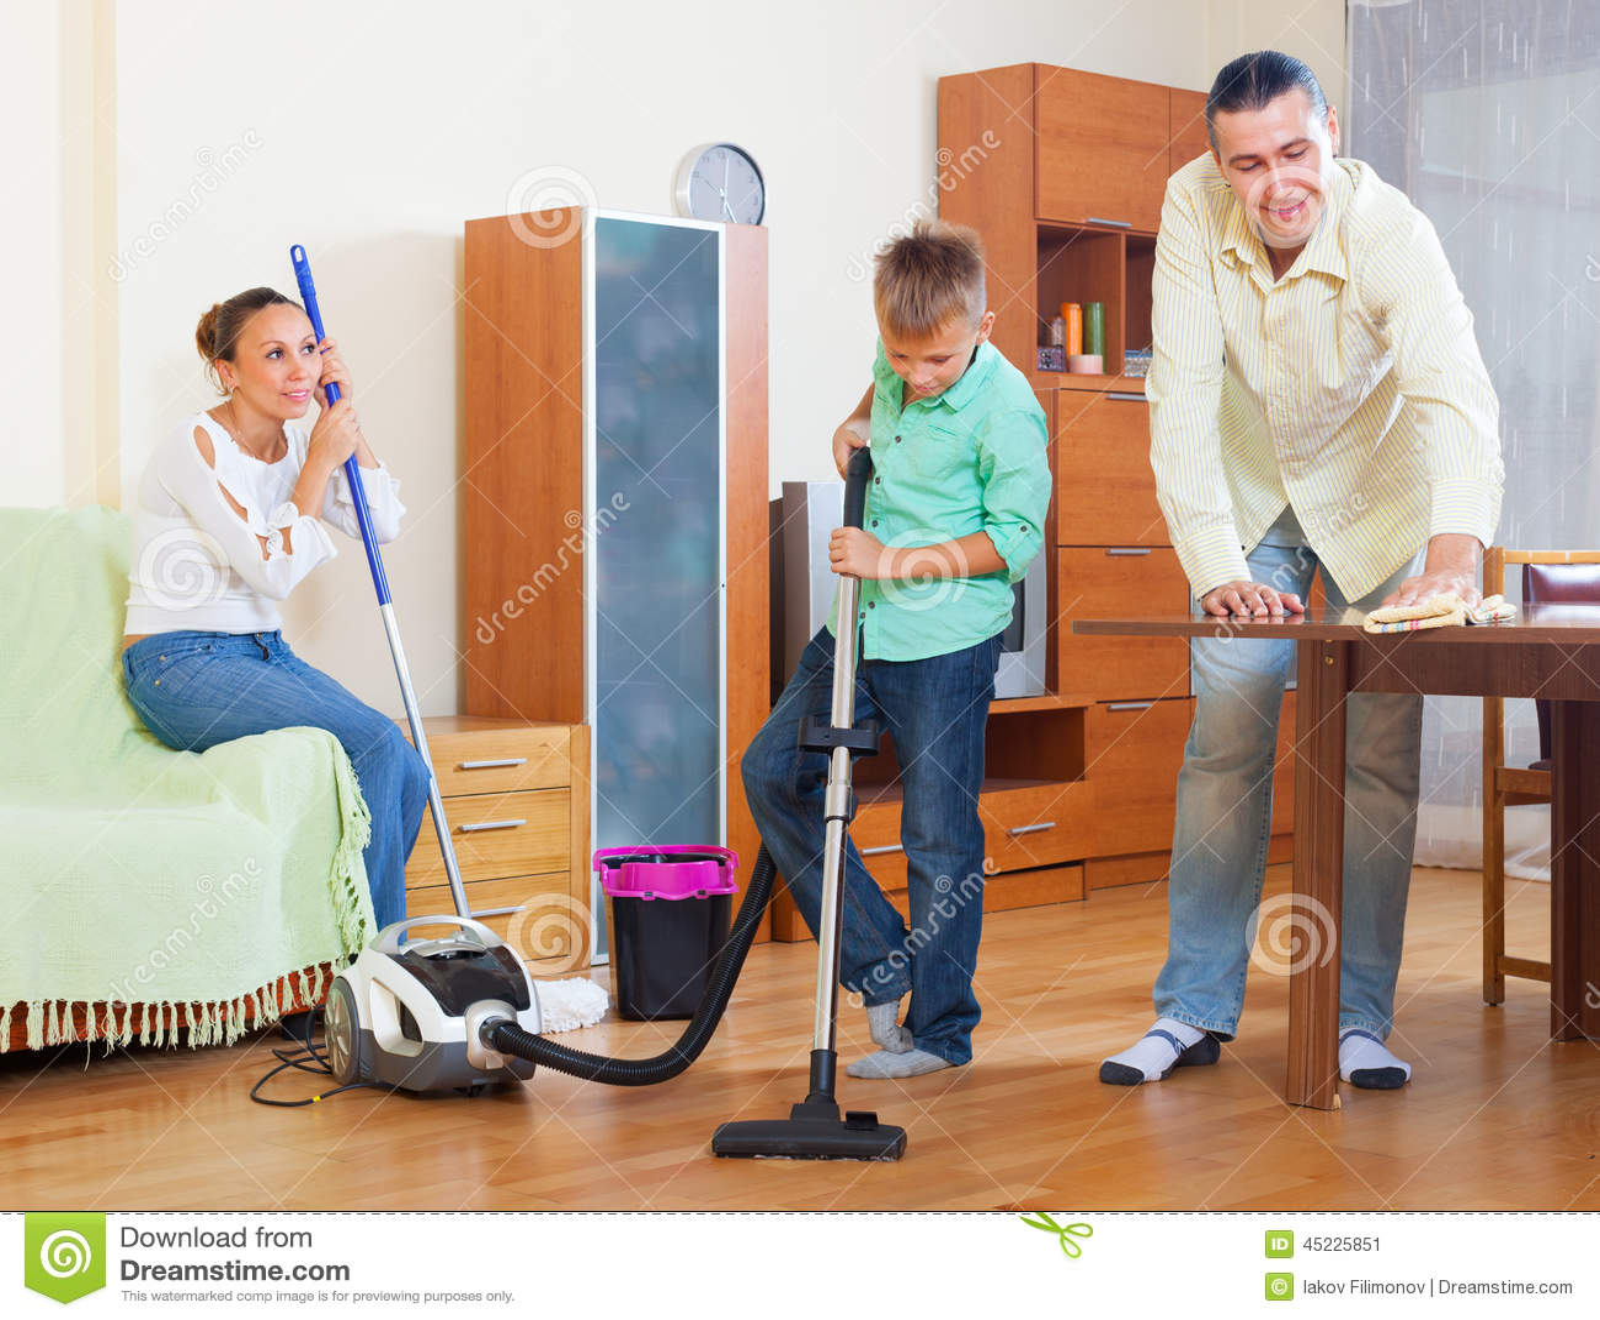 Familia ordinaria que hace la limpieza de la casa imagen - Imagenes de limpieza de casas ...